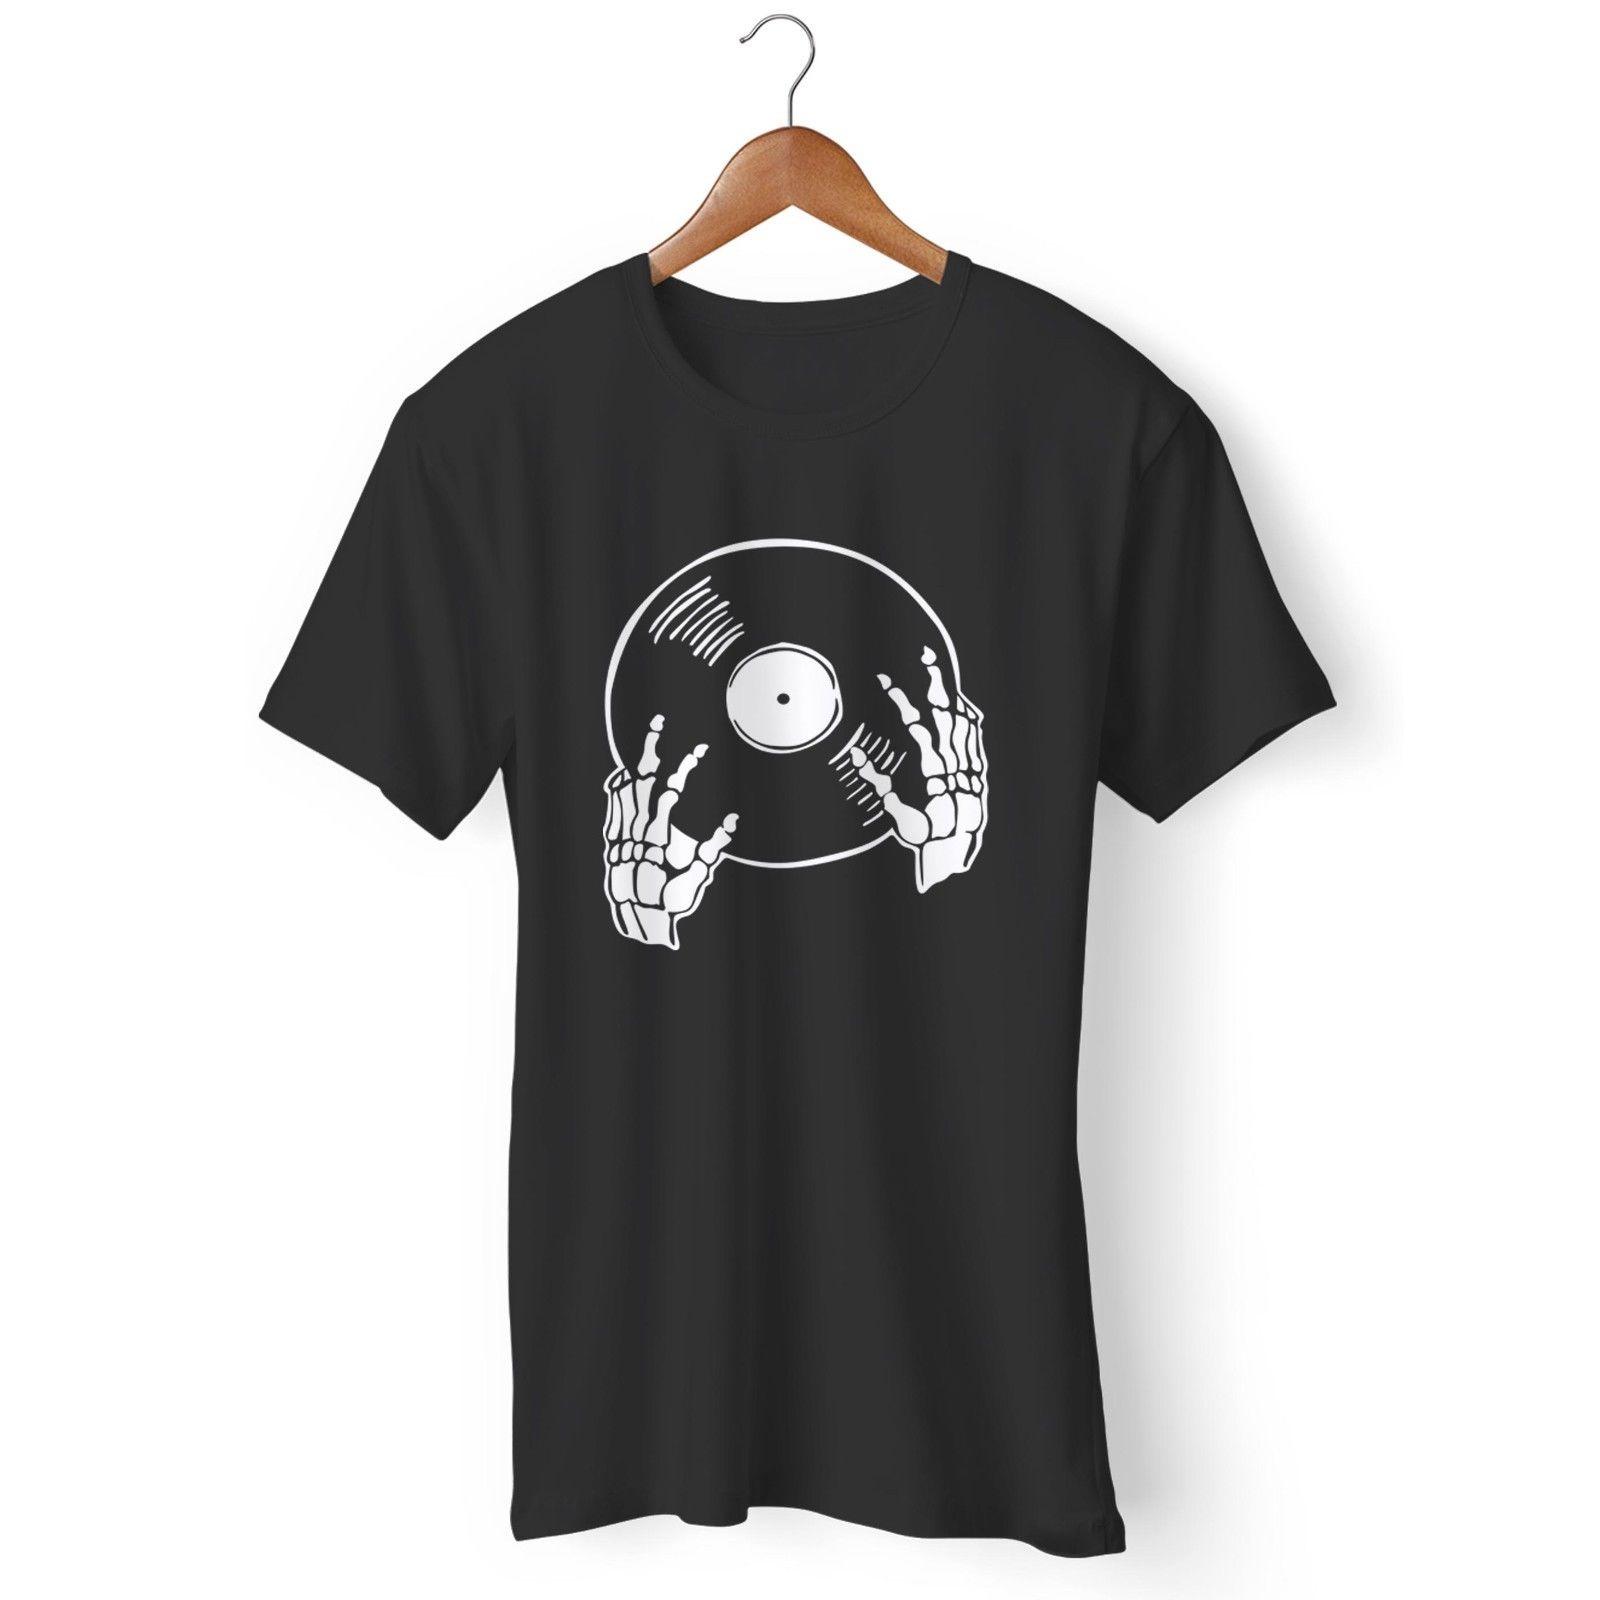 Виниловая пластинка, виниловый коллектор для влюбленных, скелет, футболка для мужчин и женщин, гордость футболки с изображением различных с...